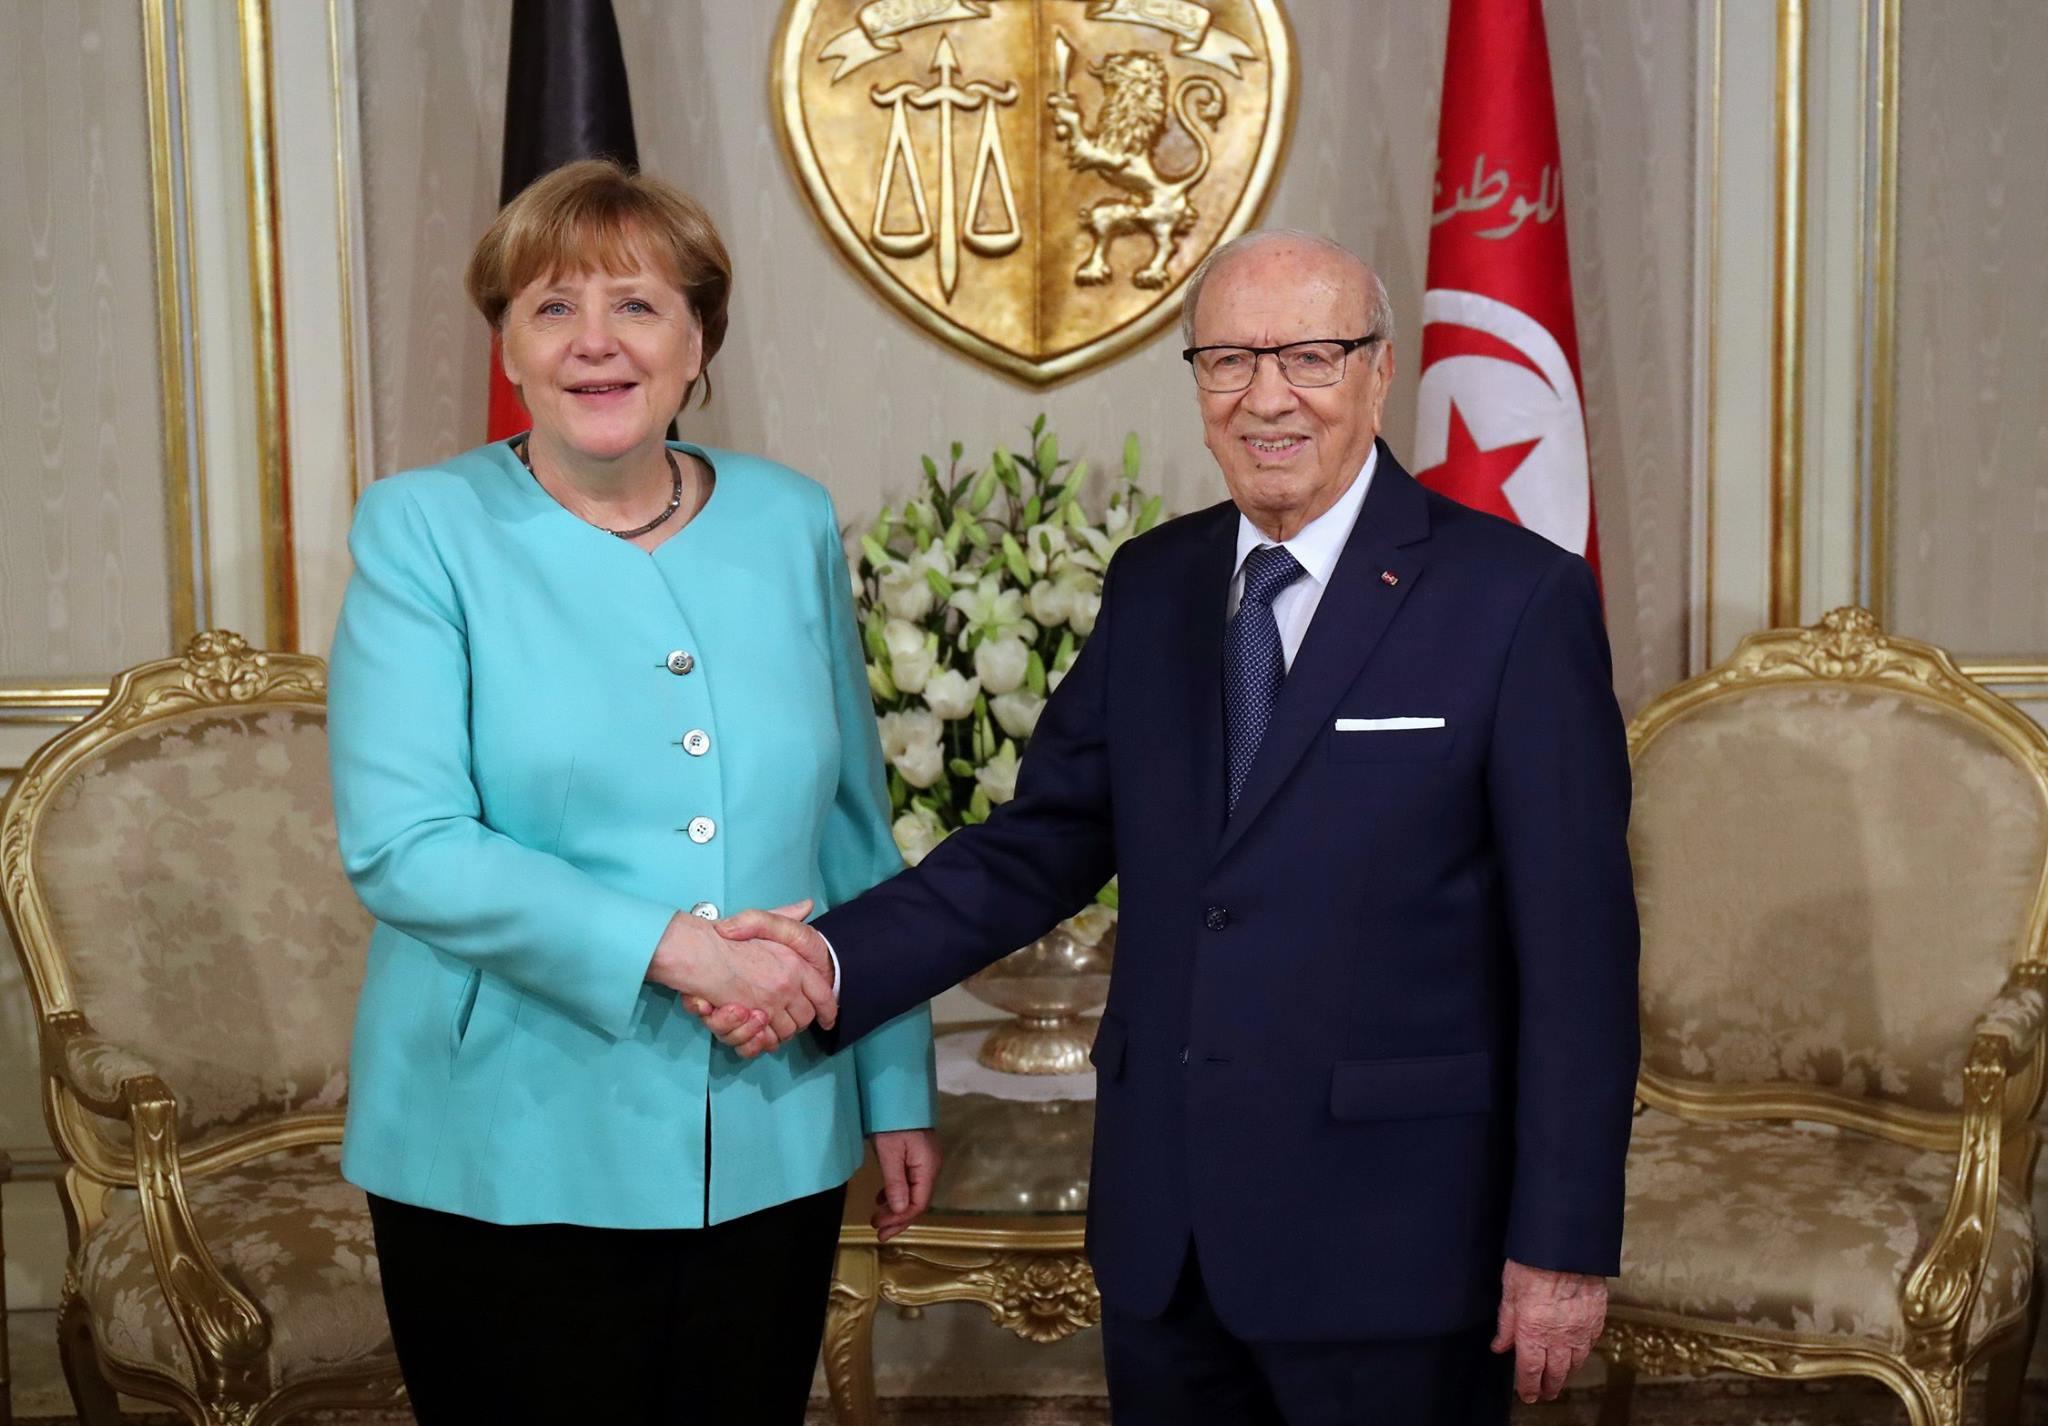 Tunisie : Angela Merkel promet le retour des touristes allemands en Tunisie